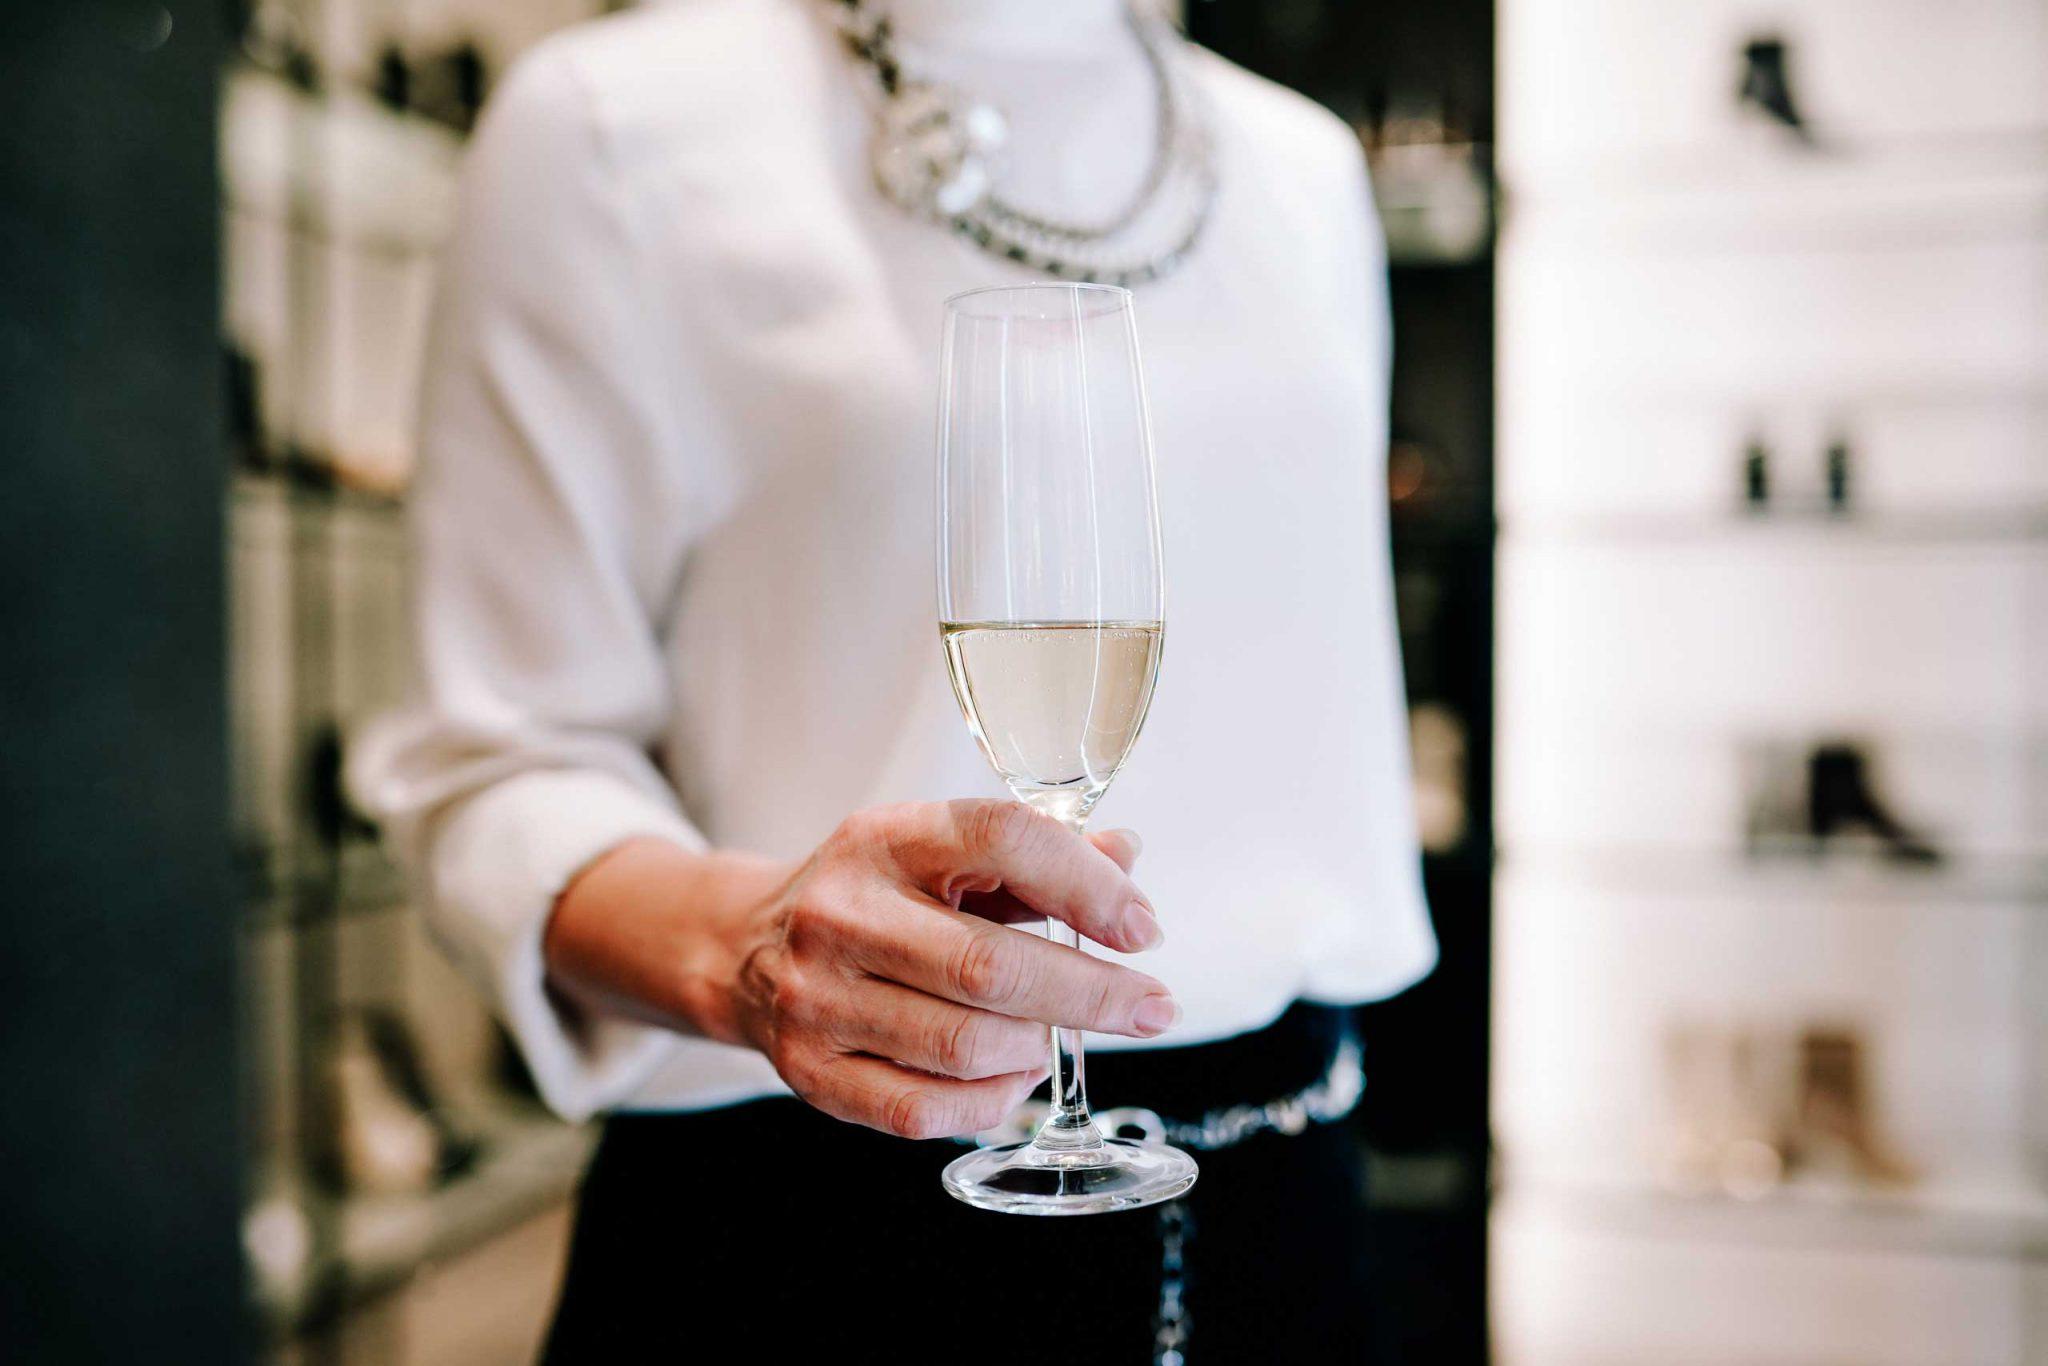 Chanel_Boutique_Cocktail_event_Ilsoo_van_Dijk_07122019-00866